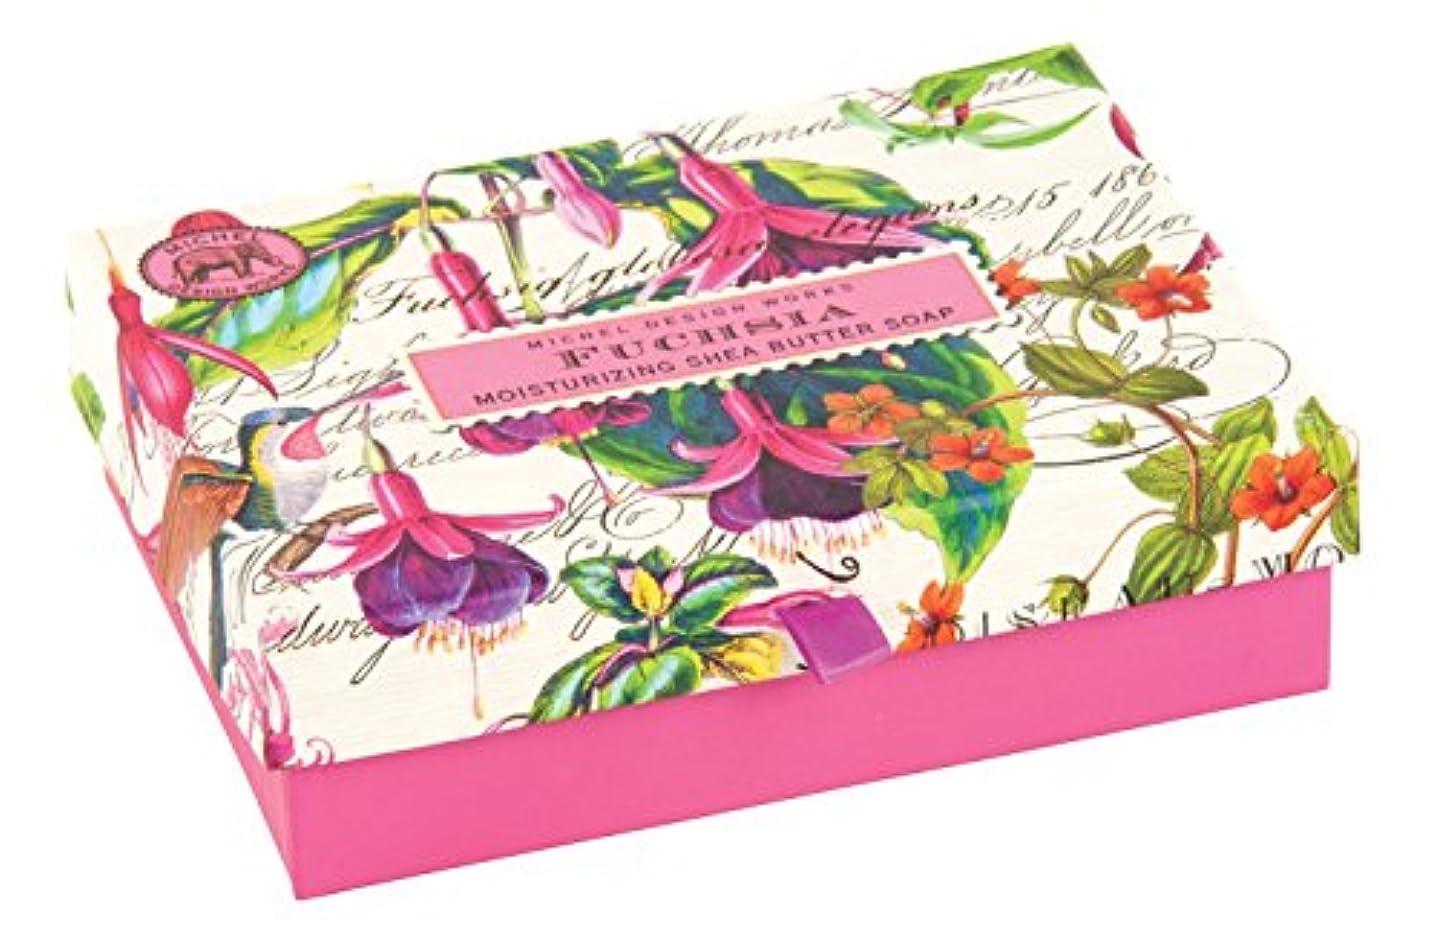 ラジカル雲ことわざMichel Design Works Triple Milled Double Soap Box Set, Fuchsia [並行輸入品]